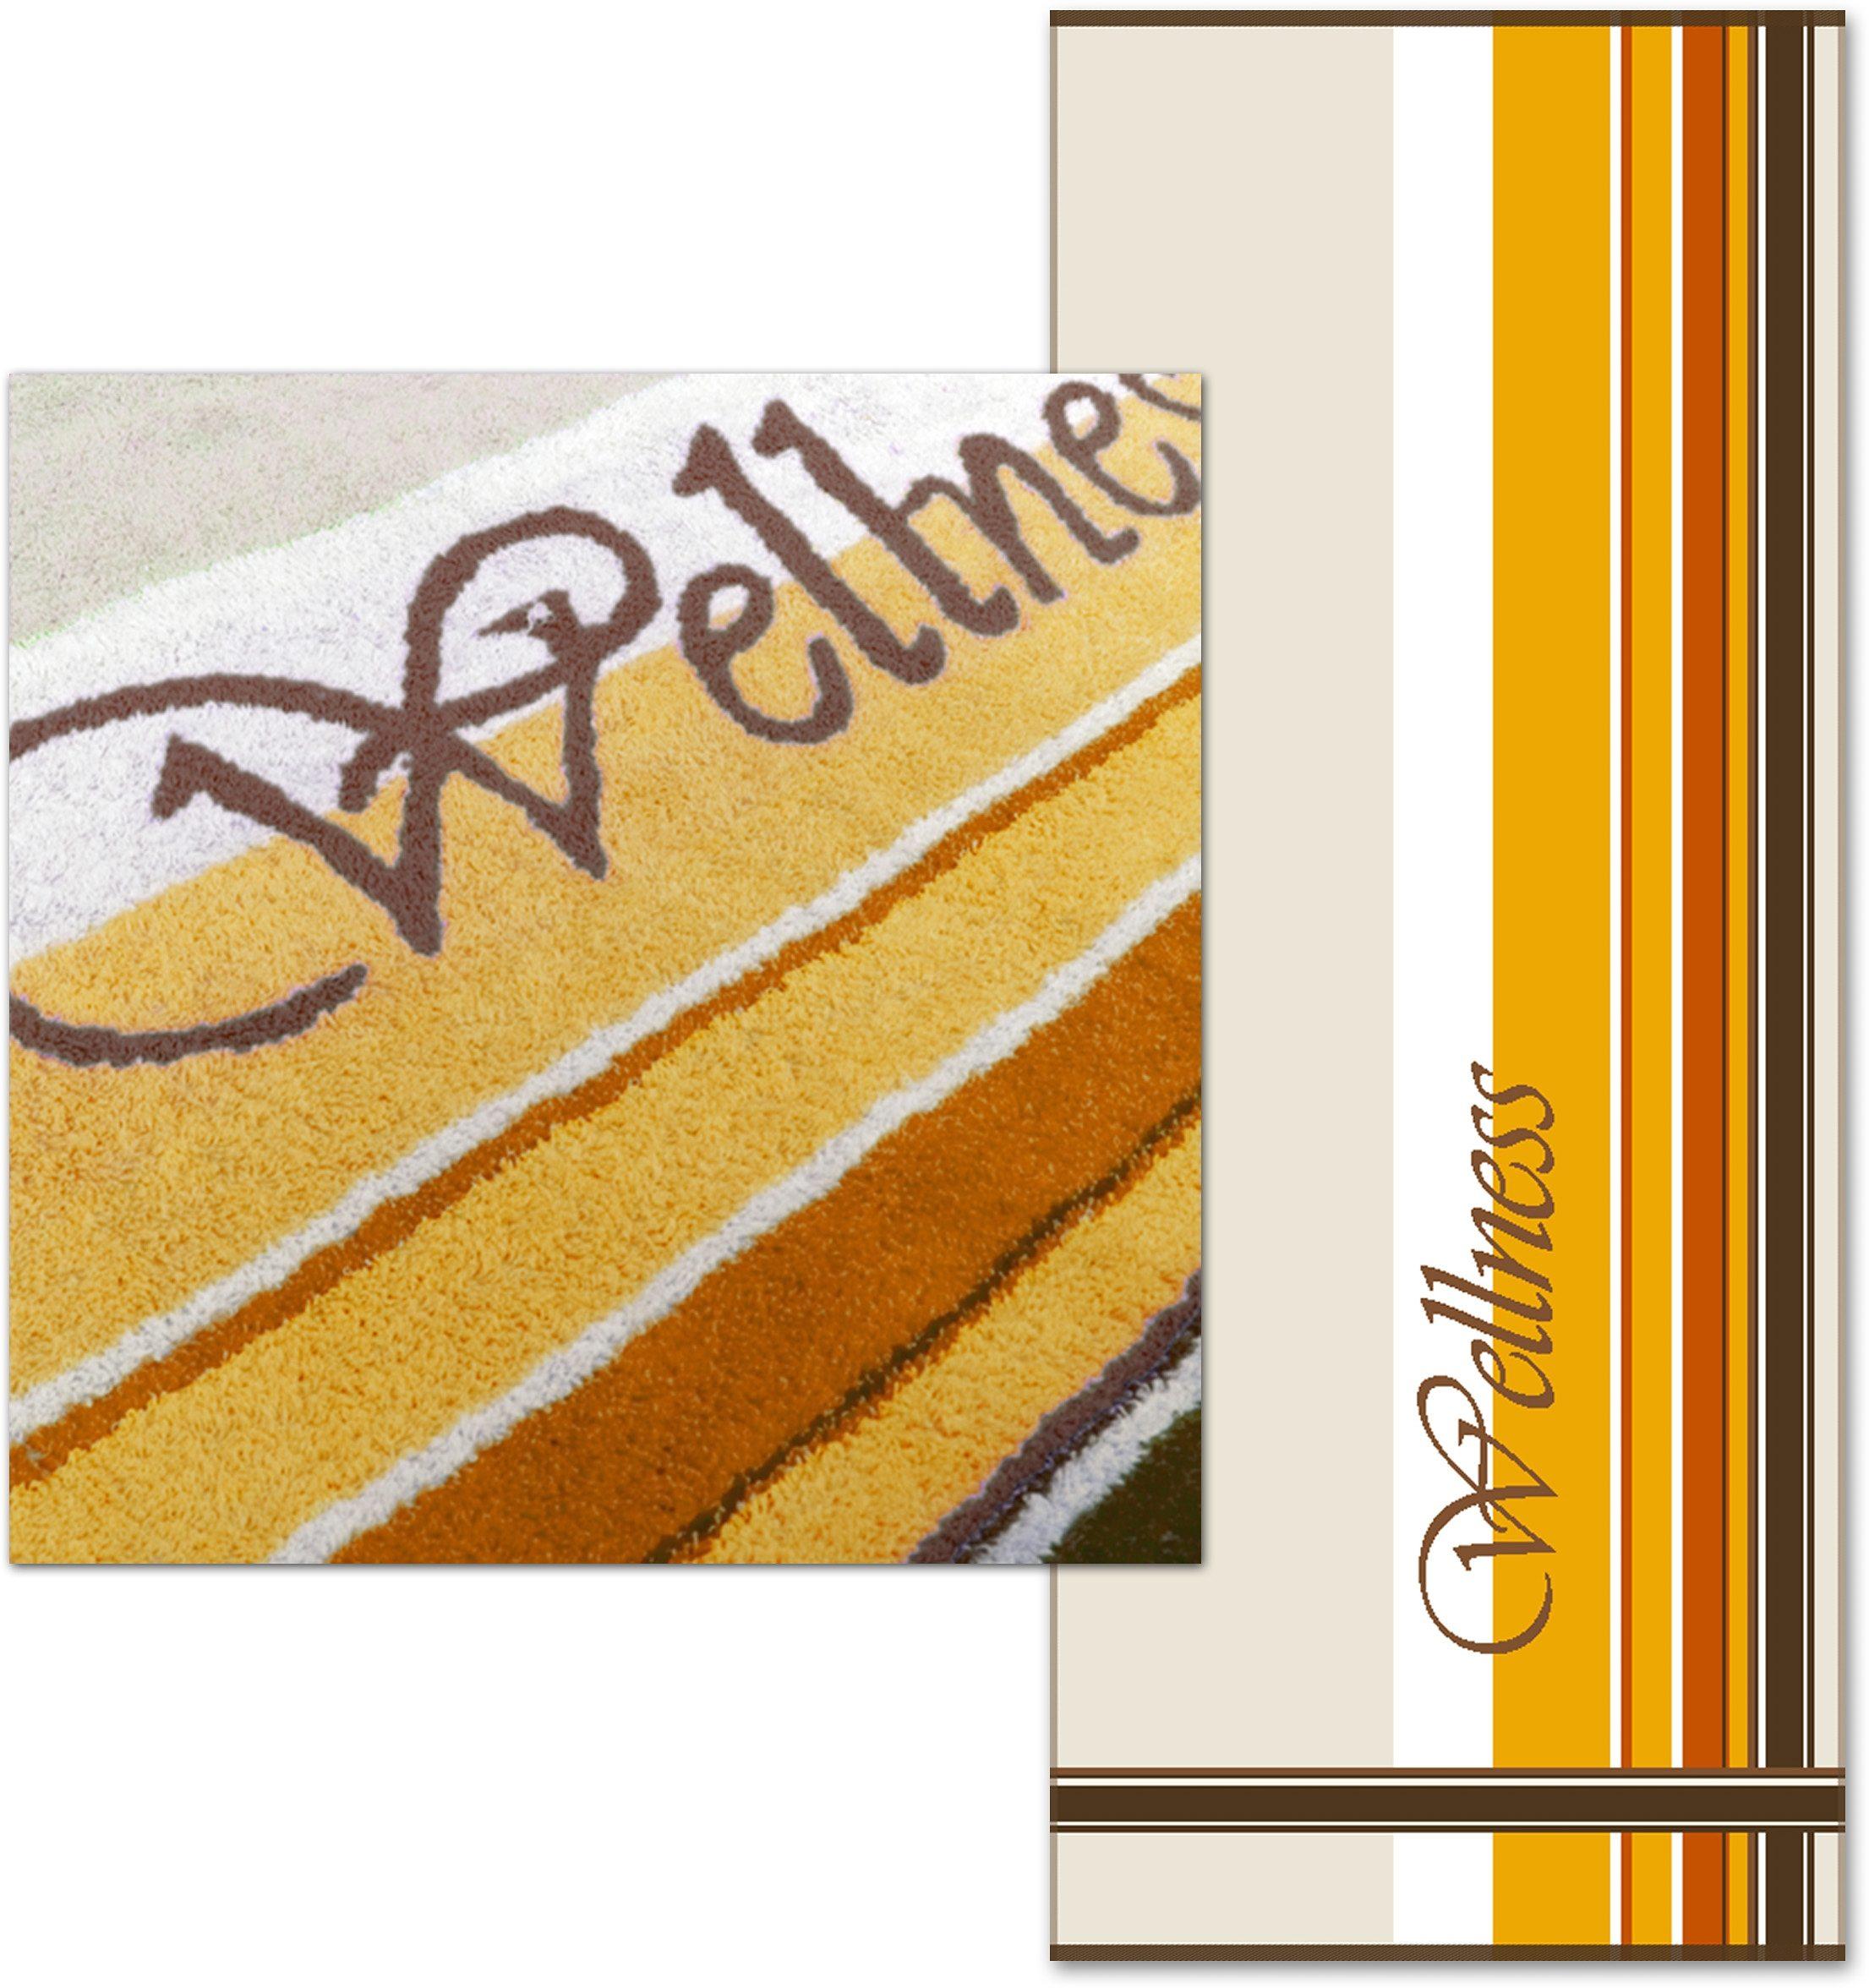 Saunatuch »Wellness«, Dyckhoff, unterschiedliche Streifen